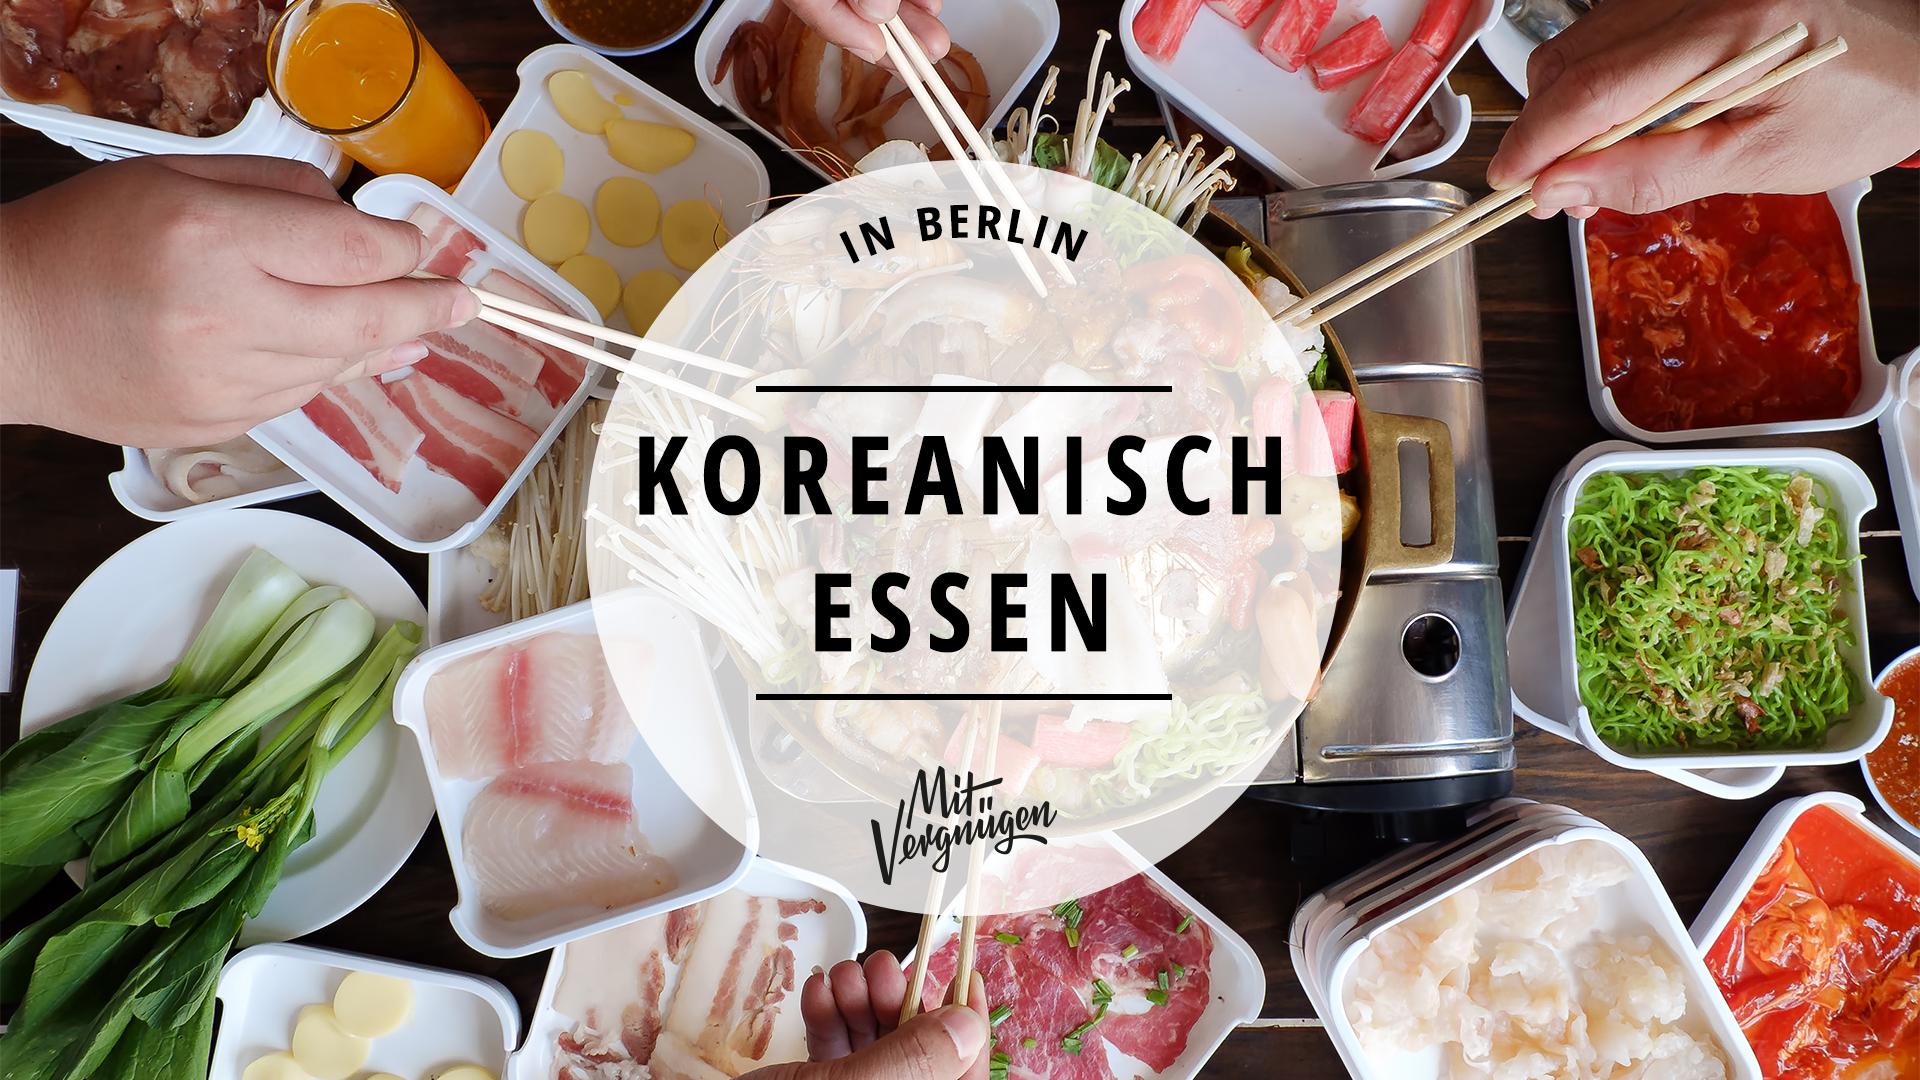 11 restaurants in denen ihr richtig gut koreanisch essen. Black Bedroom Furniture Sets. Home Design Ideas